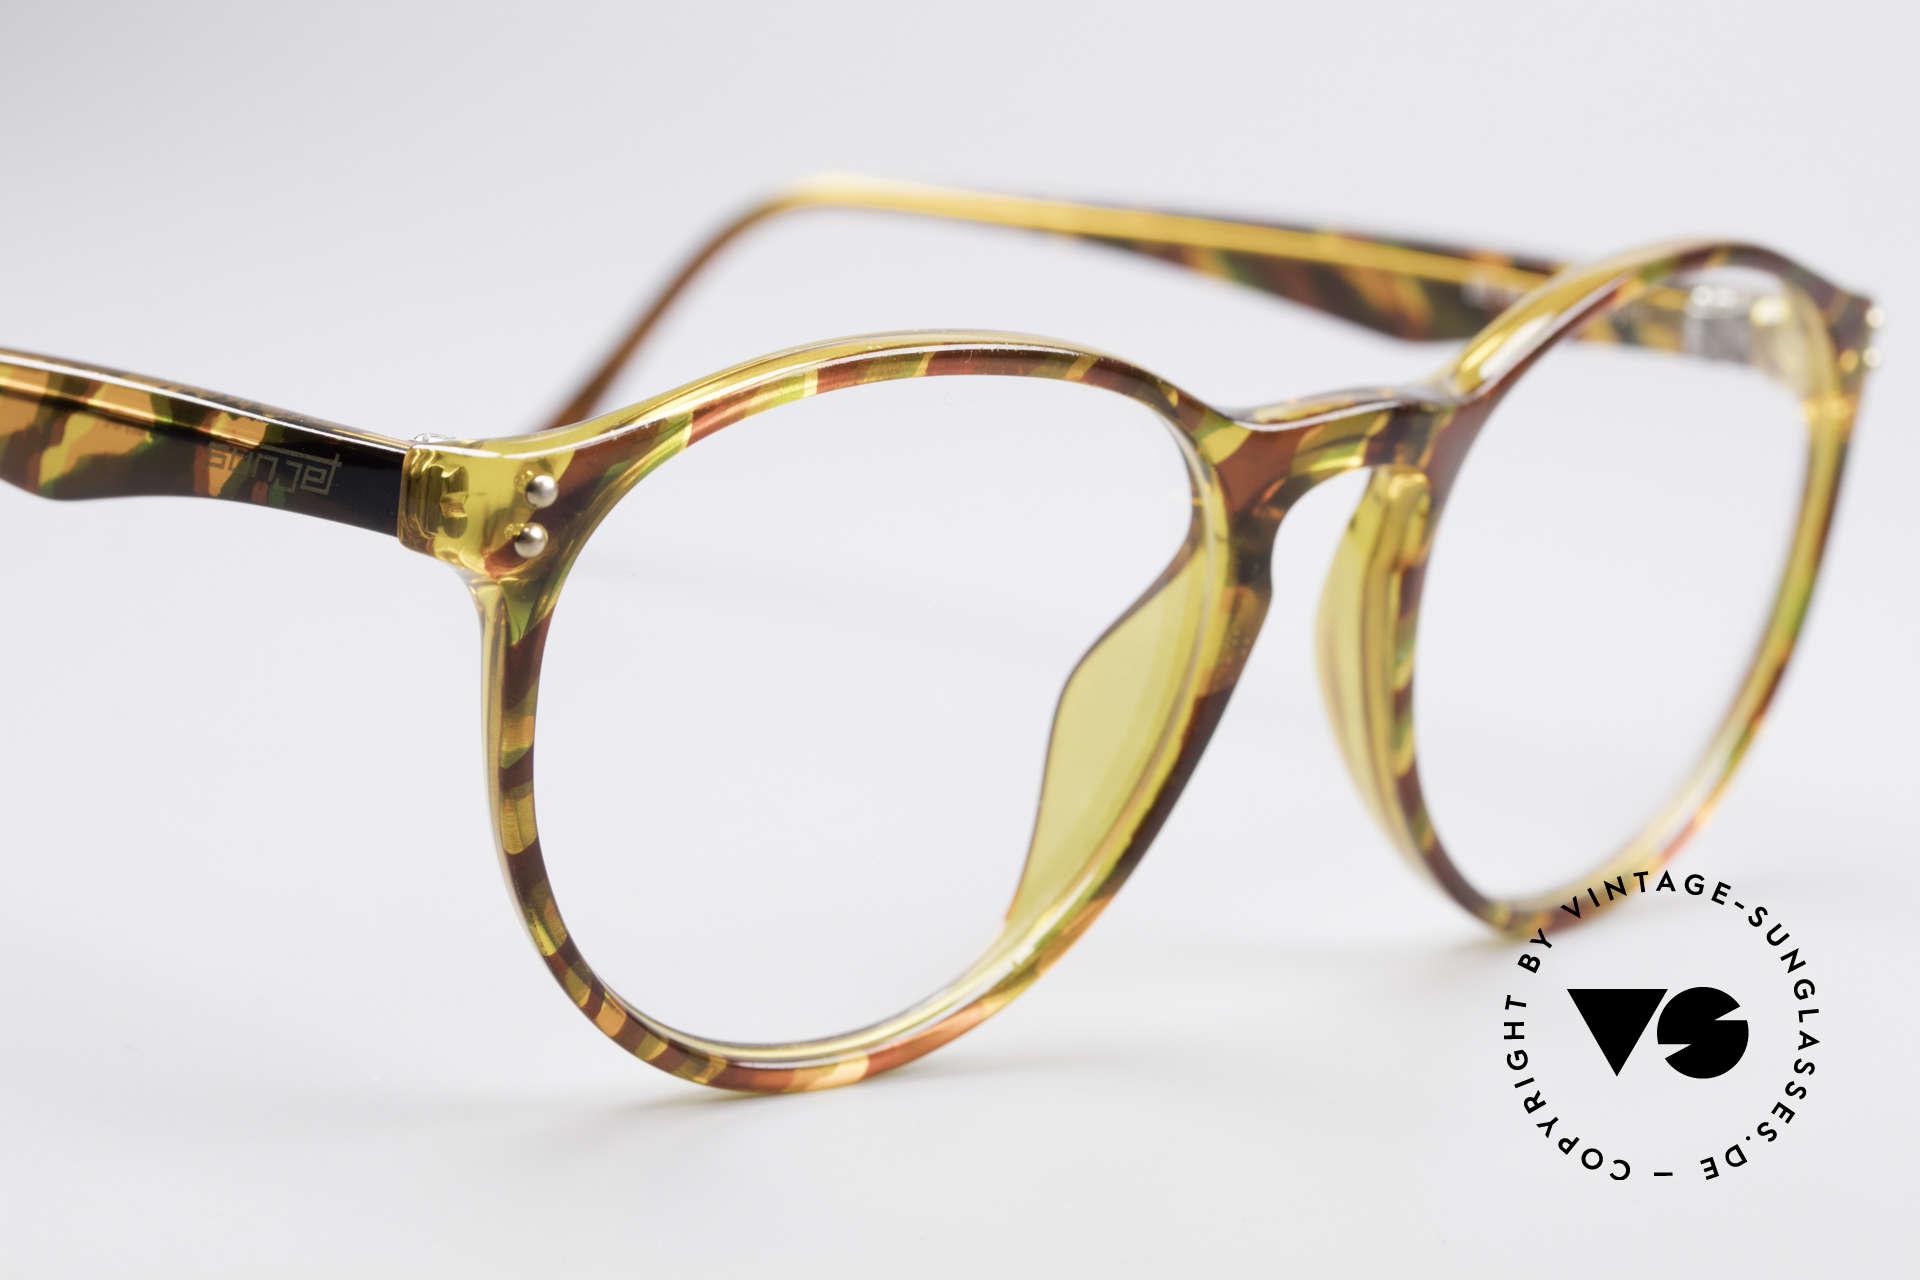 Carrera 5282 90er Panto Brillenfassung, relativ schmaler Rahmen; daher eher ein Unisex-Modell, Passend für Herren und Damen